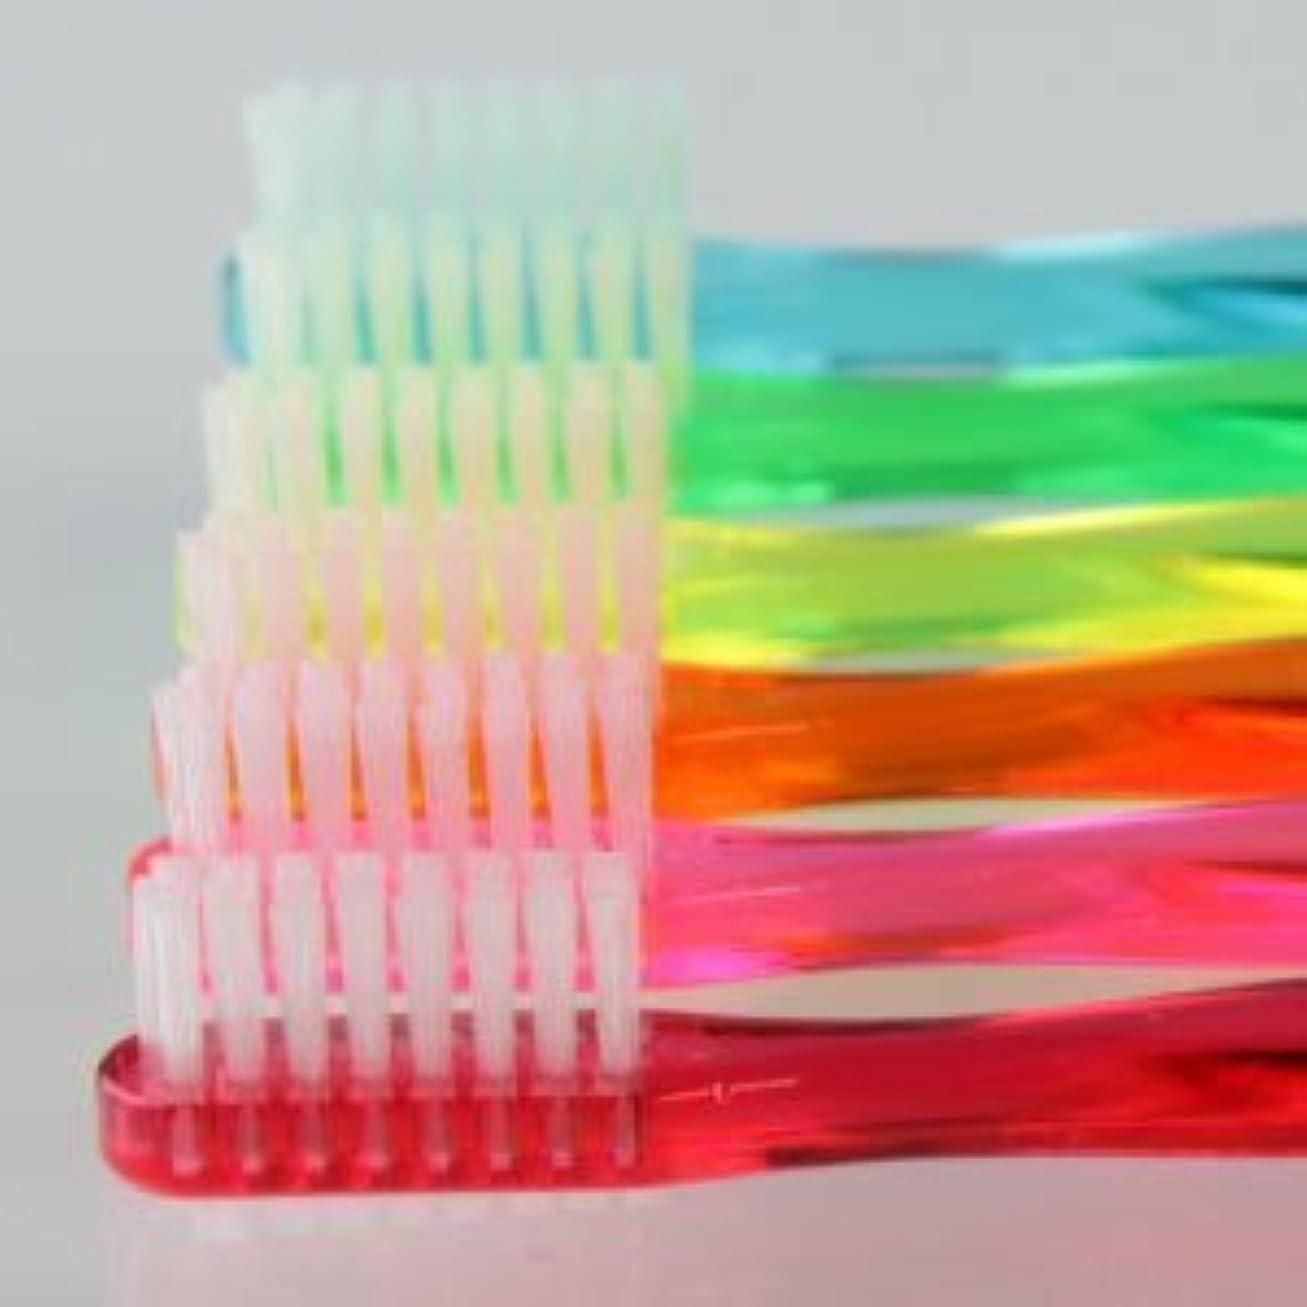 ポンド失礼な主張するサムフレンド 歯ブラシ #11(乳歯?永久歯の混合歯列期向け) 6本 ※お色は当店お任せです